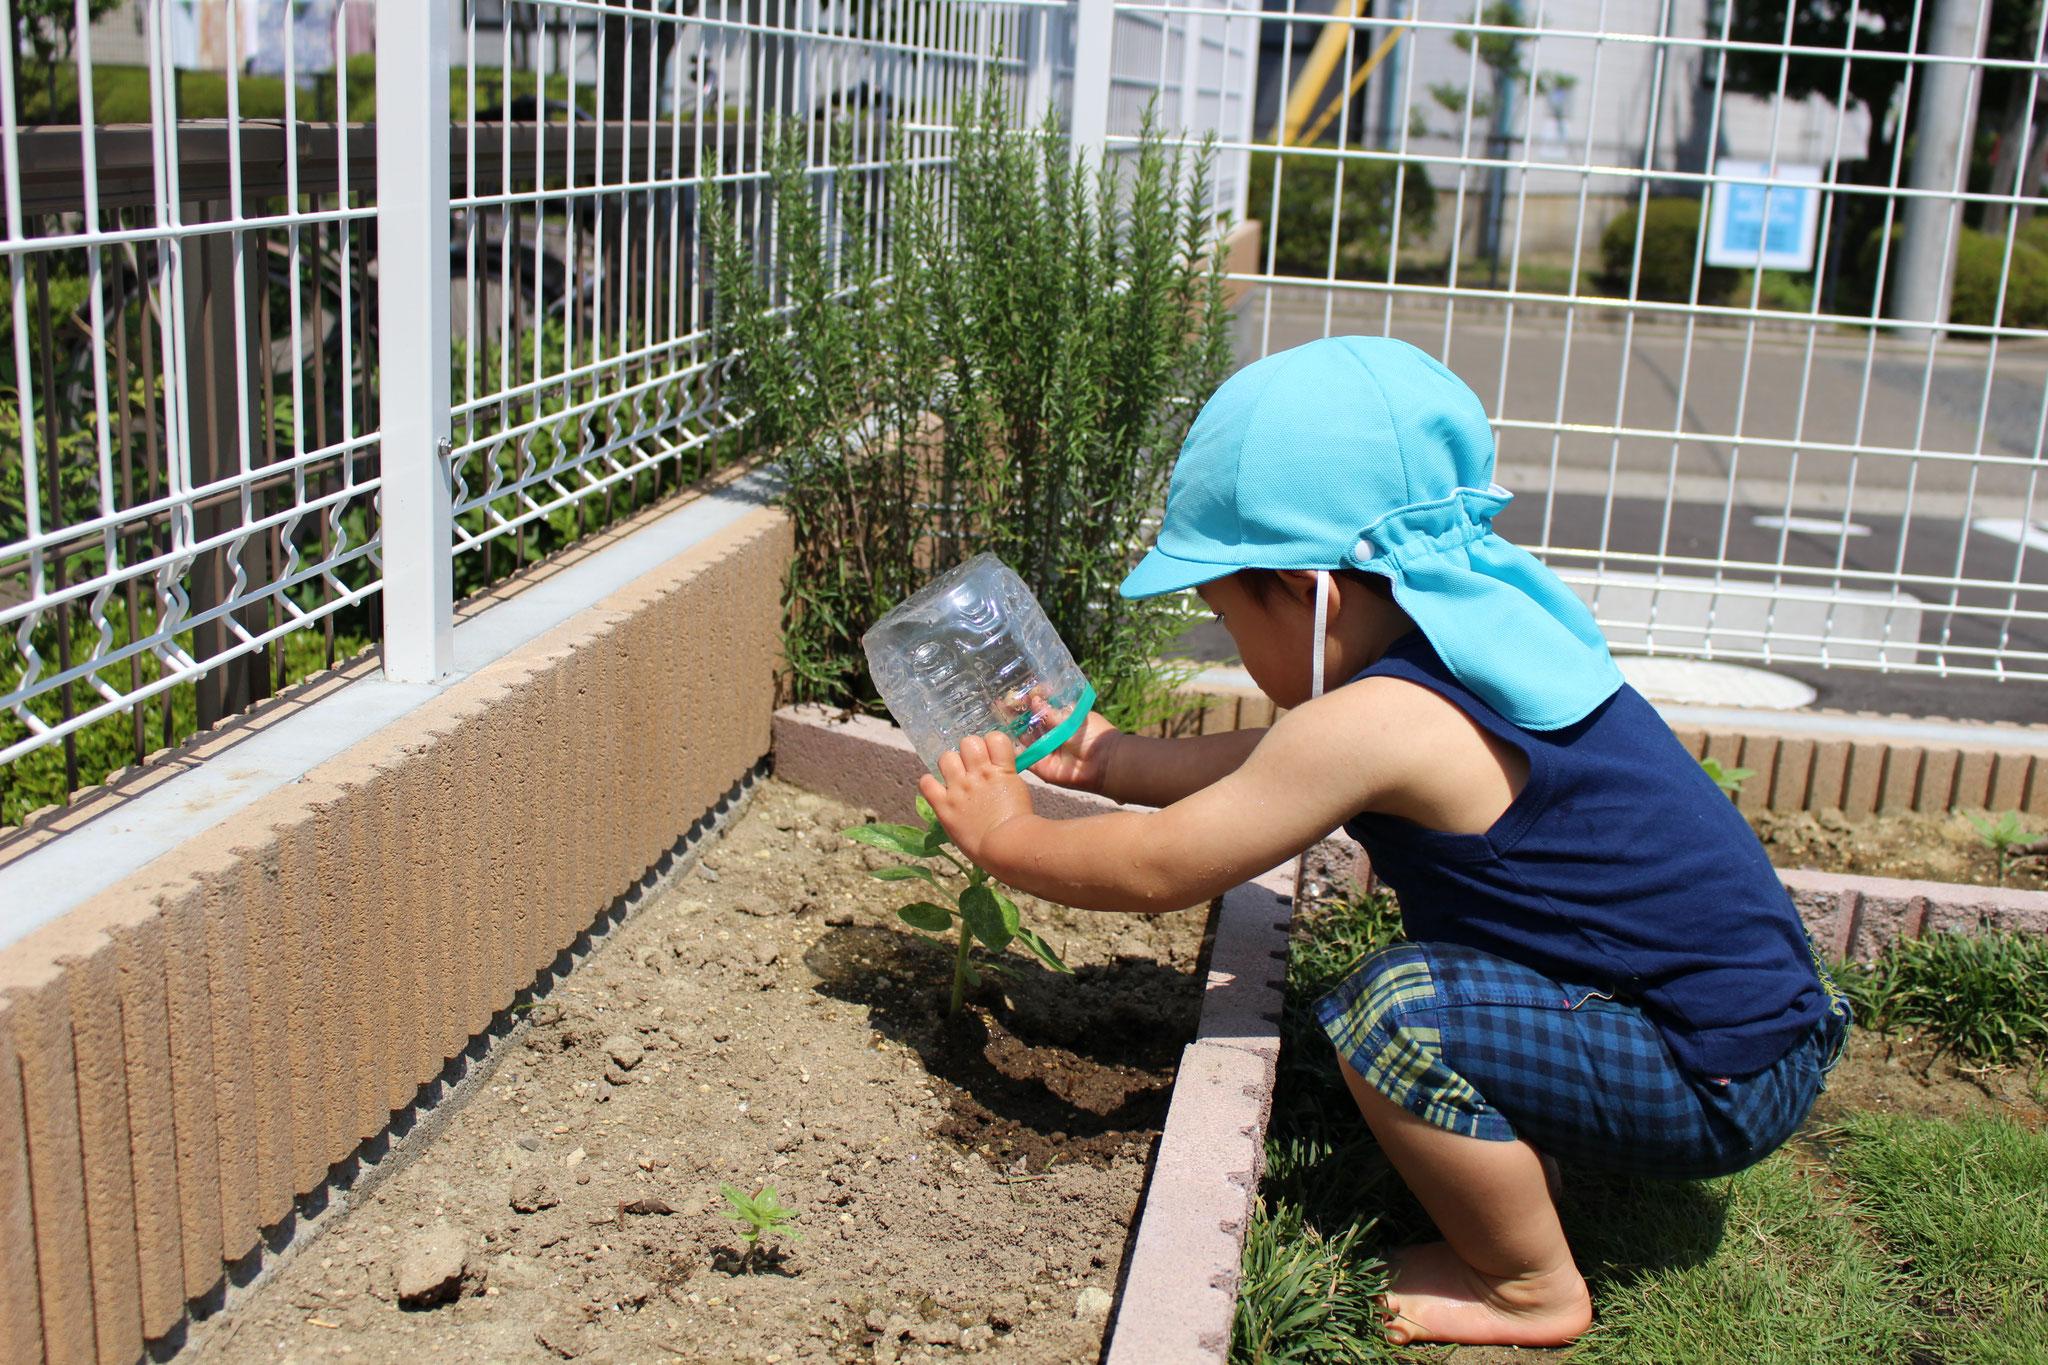 いつも おはなに みずを あげてくれたね🌻 おかげさまで きれいなちょうちょうさんが 遊びにきてくれる 園庭になったよ\(^_^)/